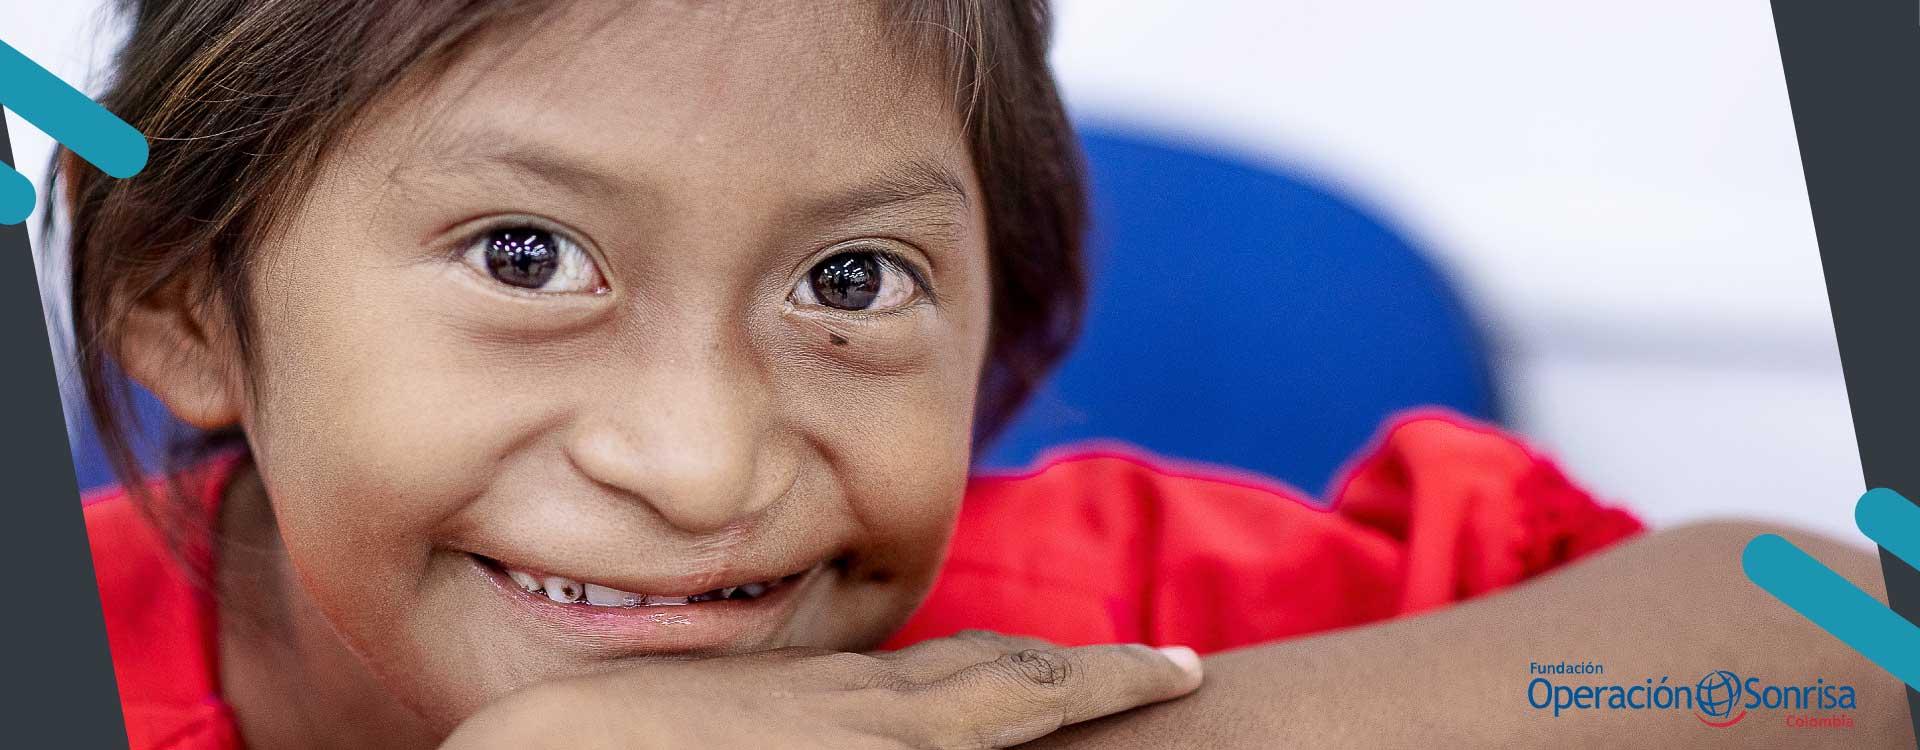 Convenios en Operación Sonrisa Colombia